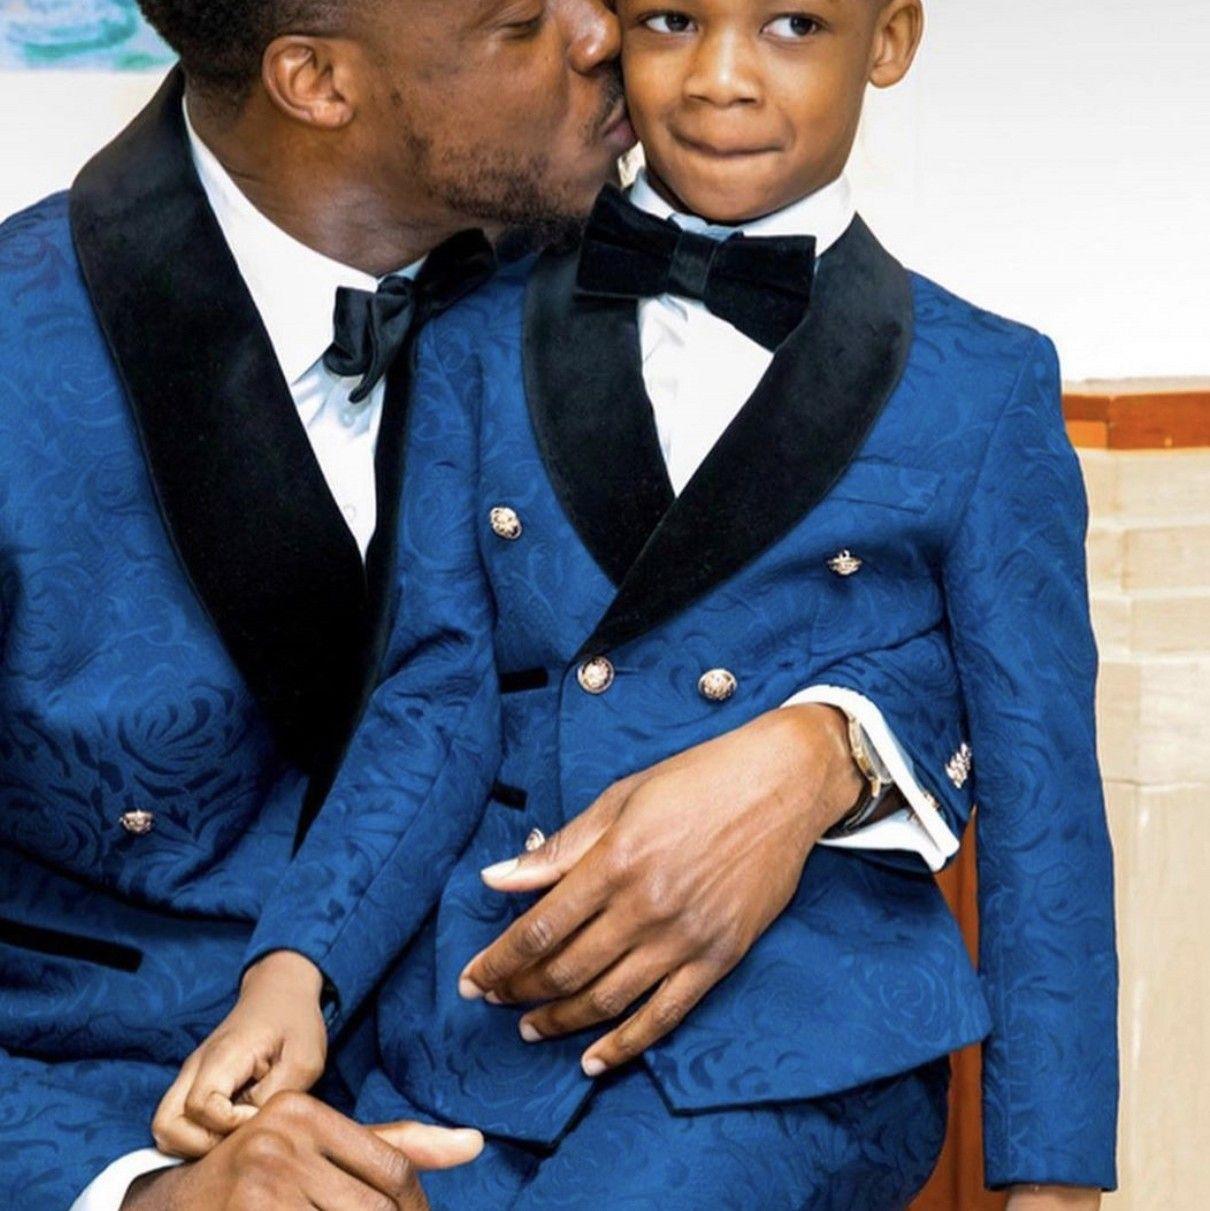 Royal Blue Kids Formal Wear Boy's Formate On Formate Onefits для обручального кольцевого носителя обеда день рождения вечеринка 2 штуки набор куртки (куртка + брюки + лук) на заказ Размер 12